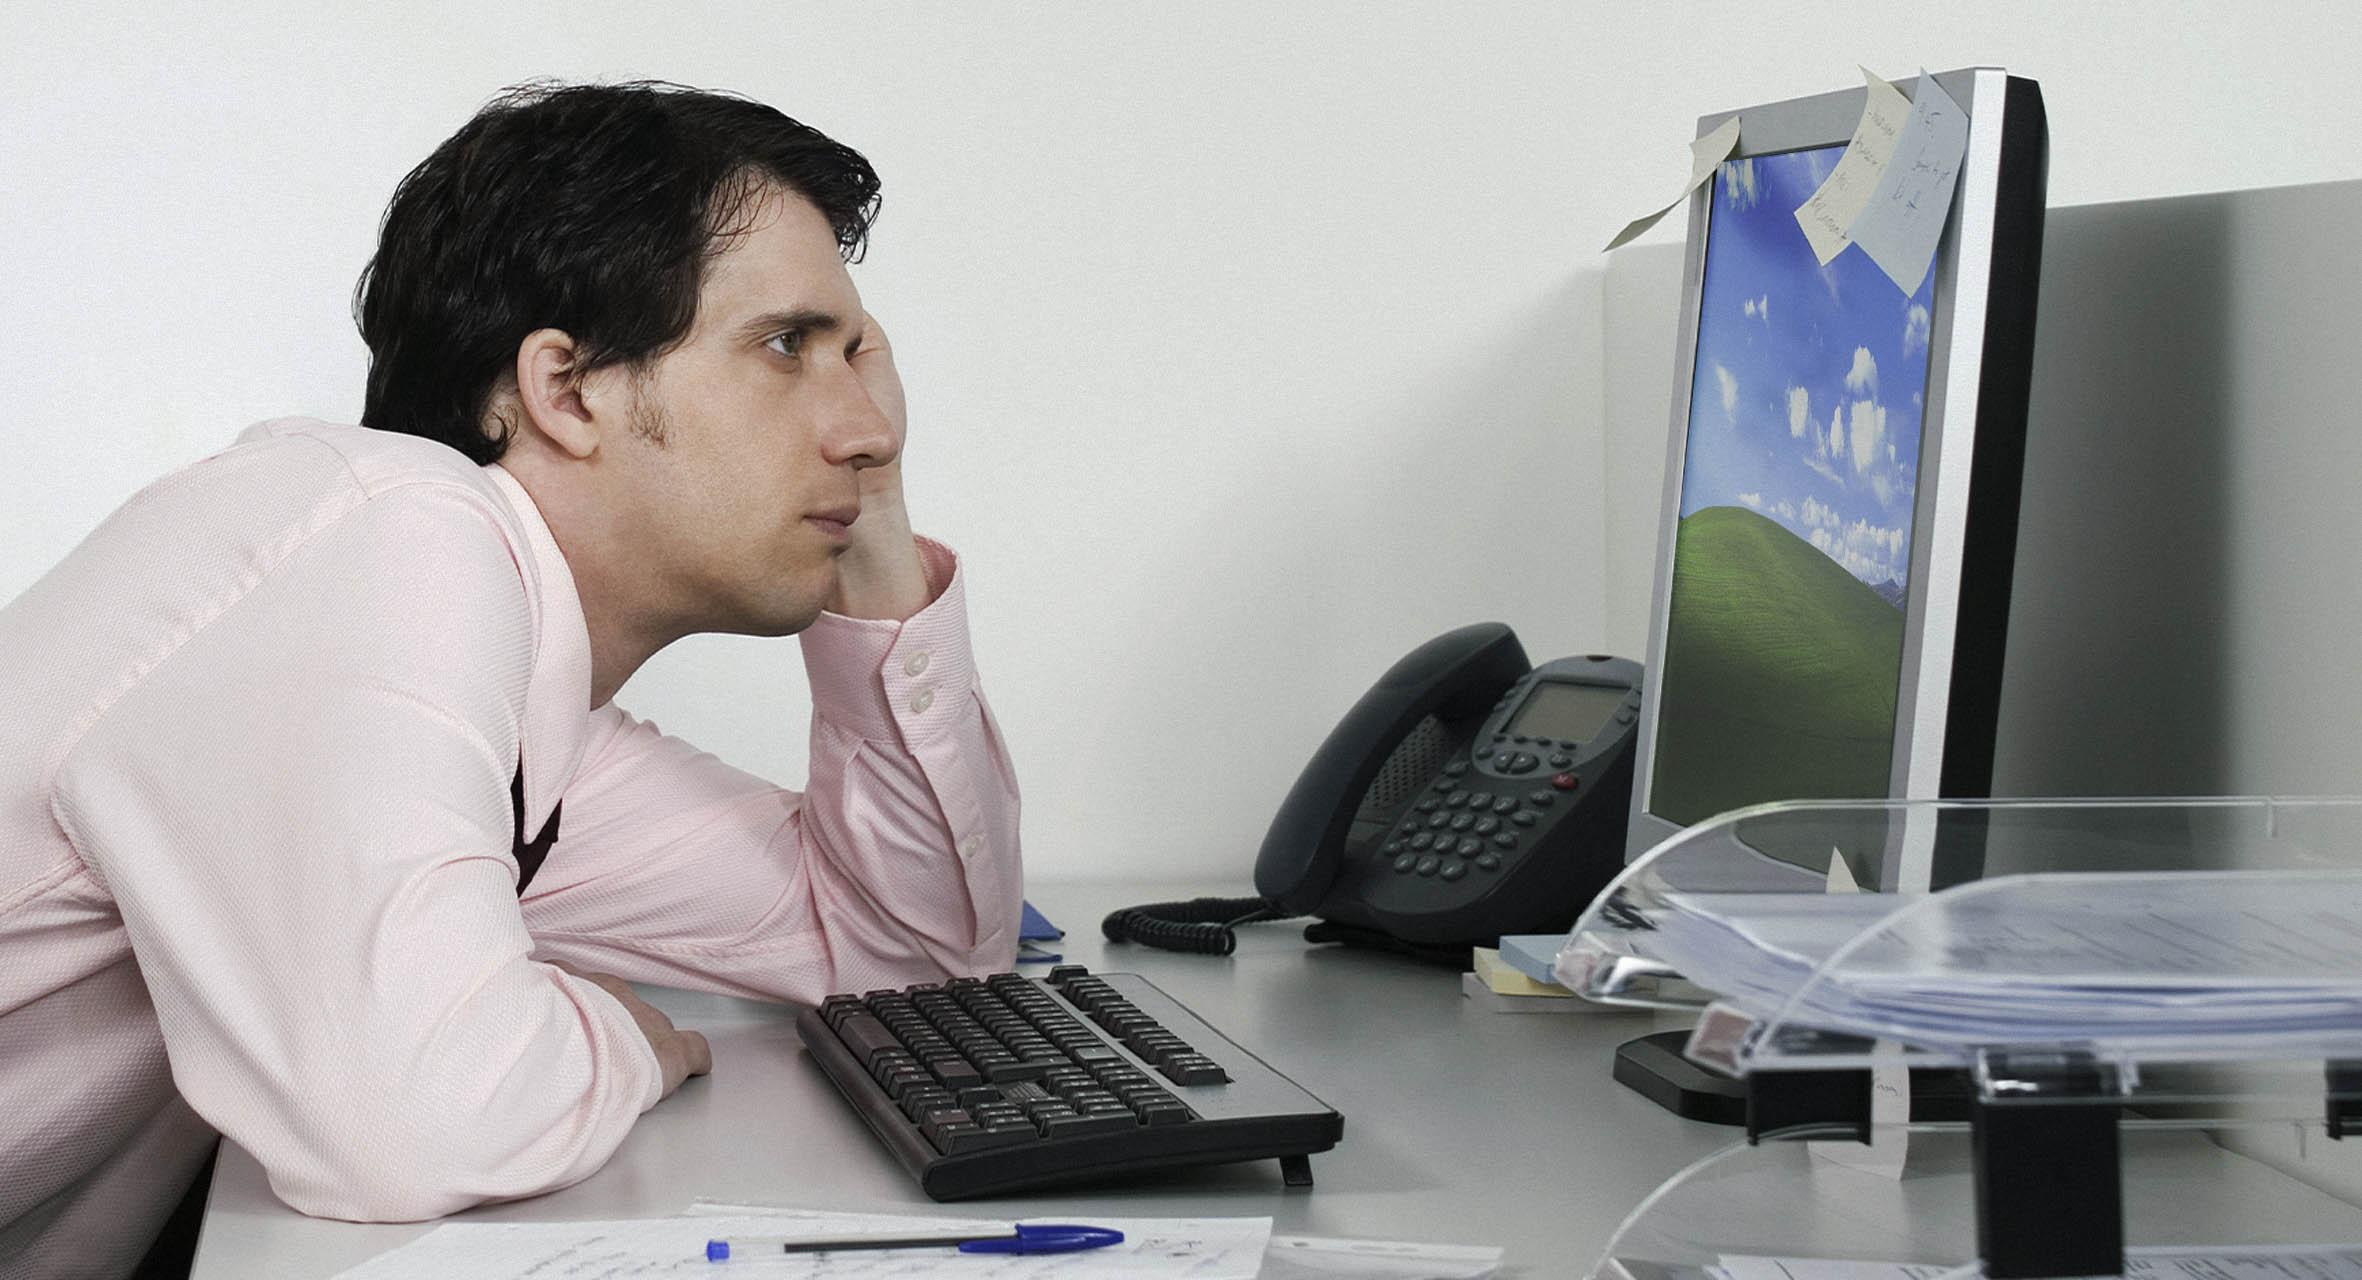 صورة موظف يستغل استراحة الغداء ليستمتع بالطبيعية الخلابة أمامه